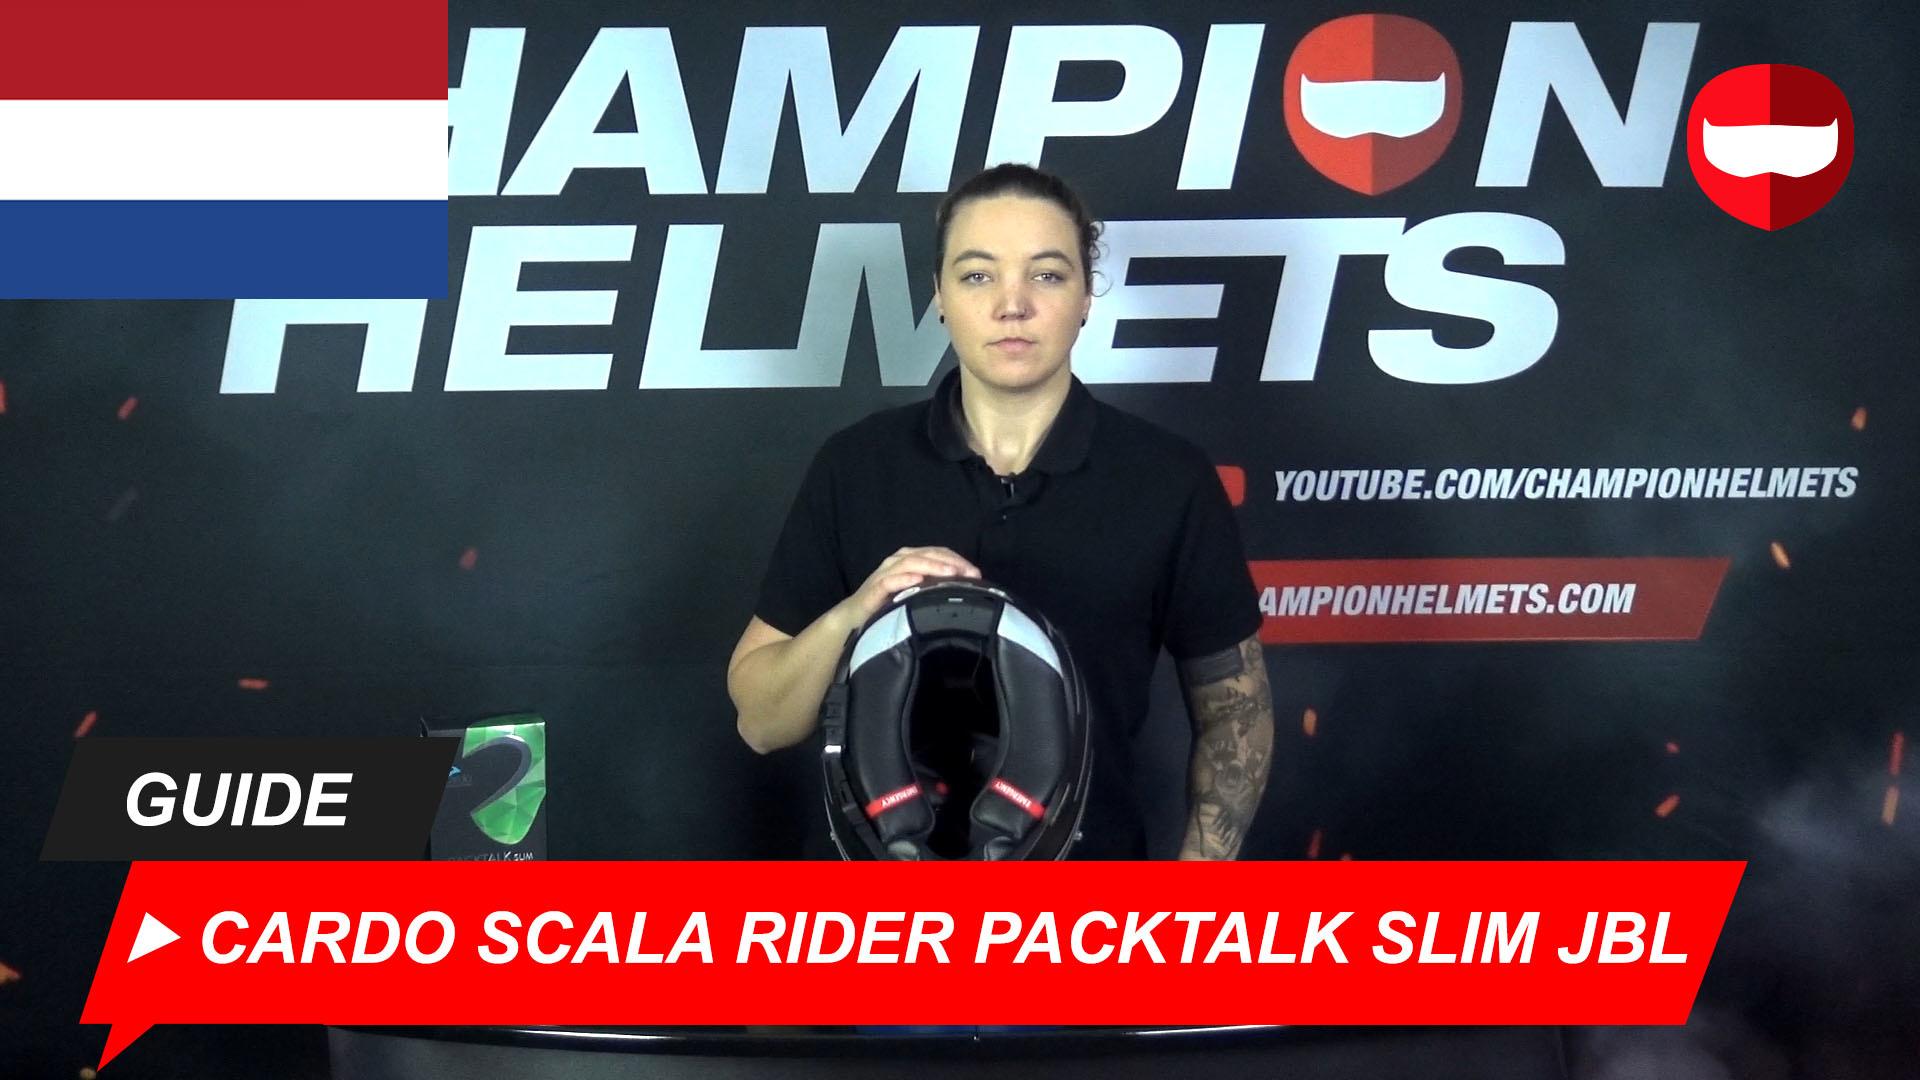 Installatie van de Cardo Packtalk Slim in de HJC RPHA 70 + Video